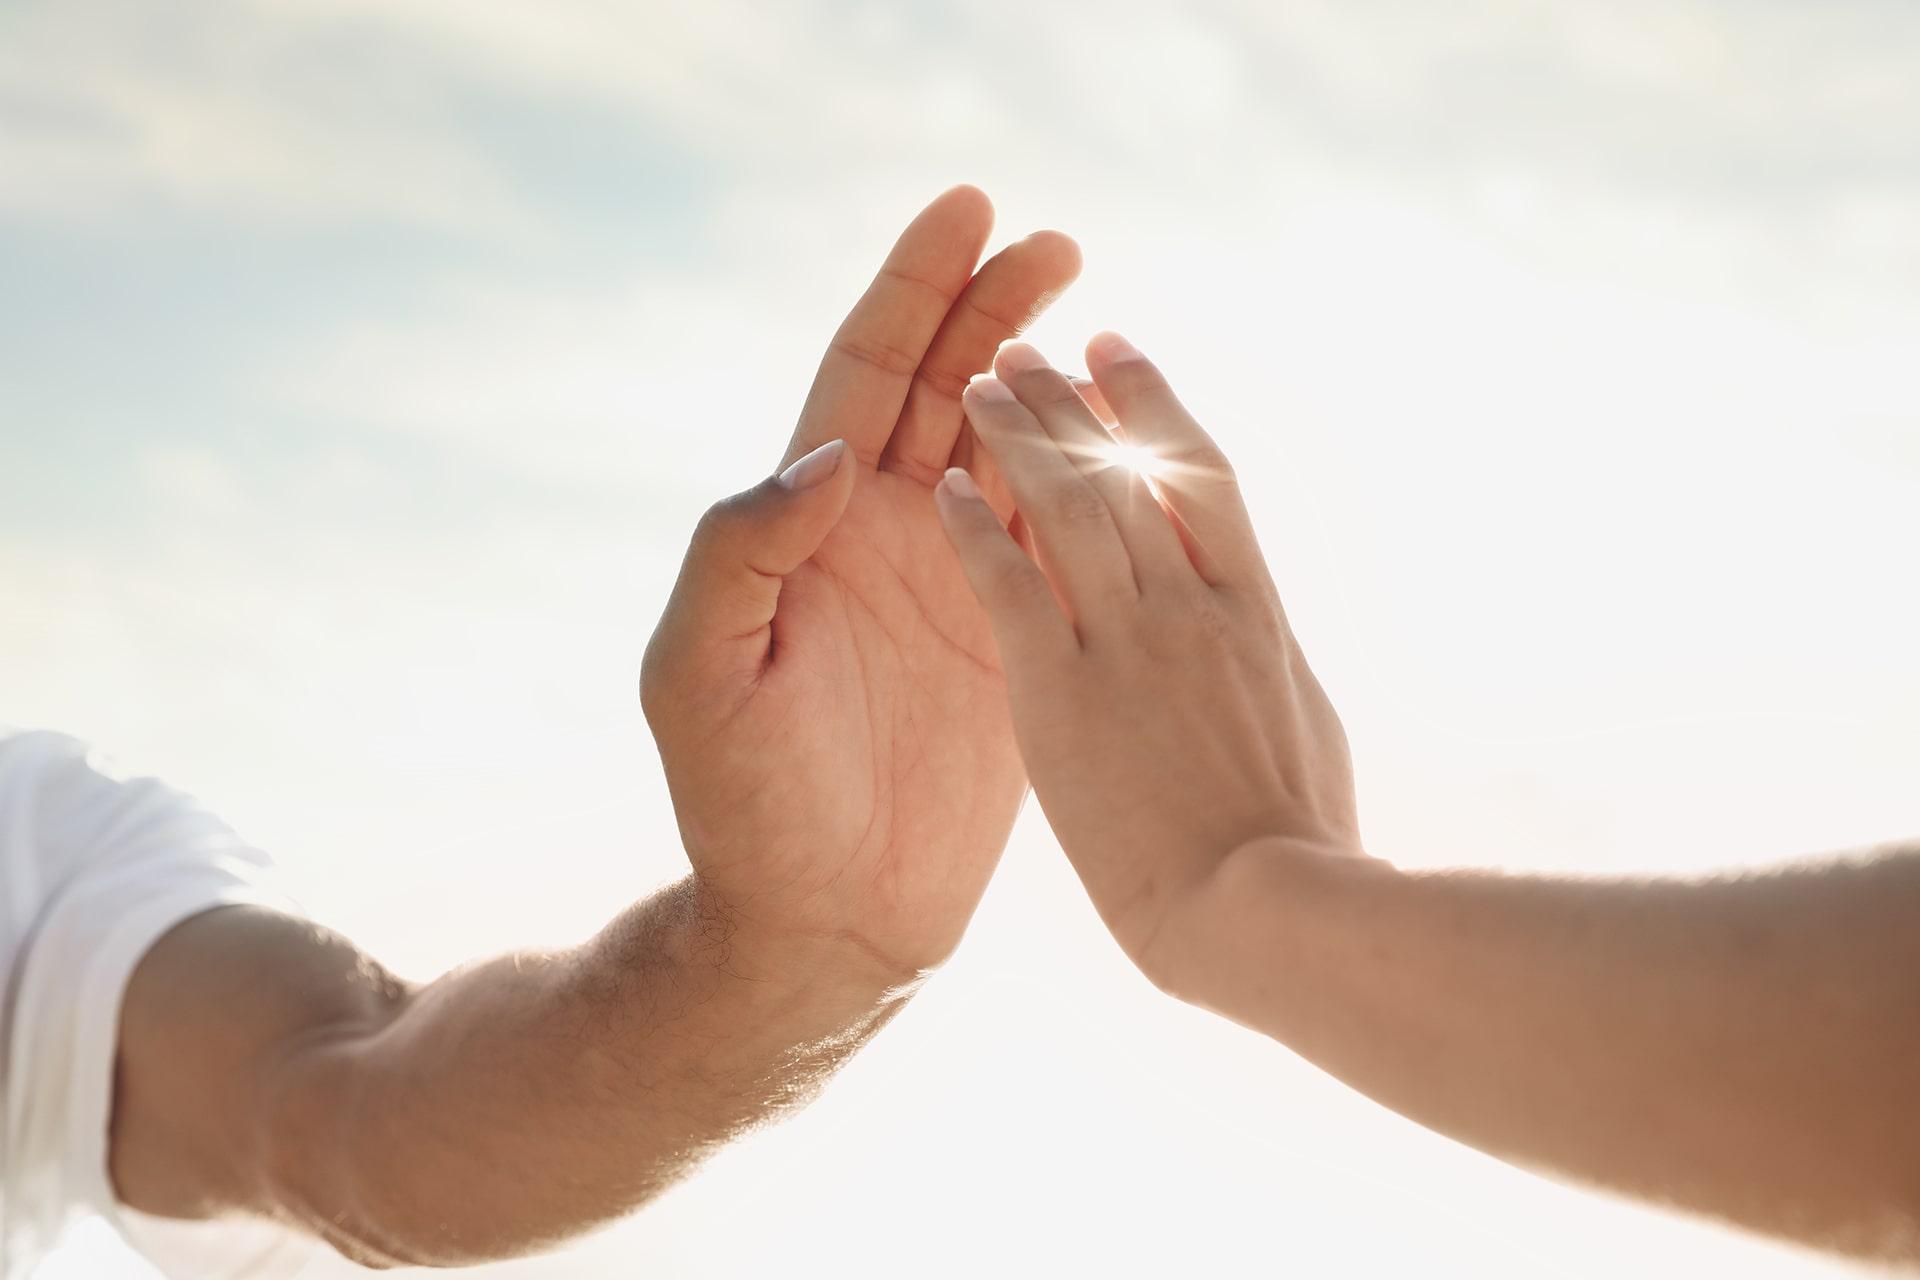 Institut Aurovida - Blog - Suis-je responsable de la santé du voisin ou de la mienne?